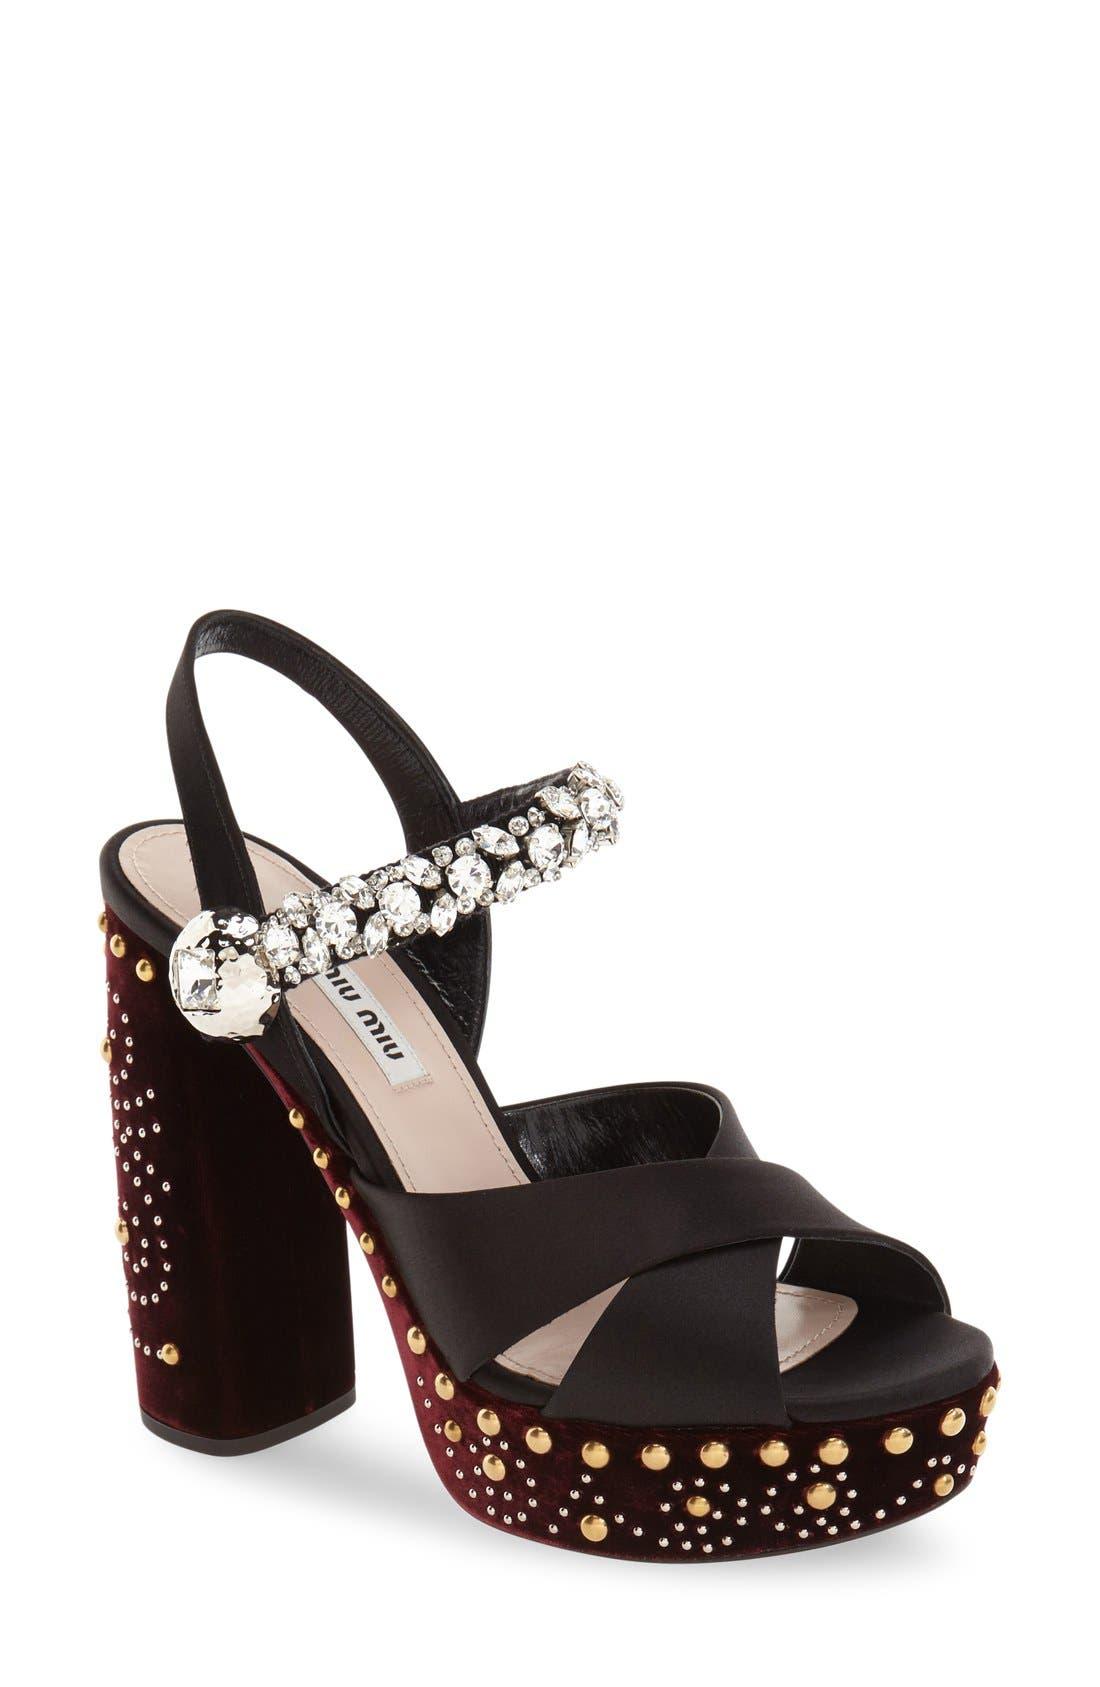 Main Image - Miu Miu Embellished Platform Sandal (Women)